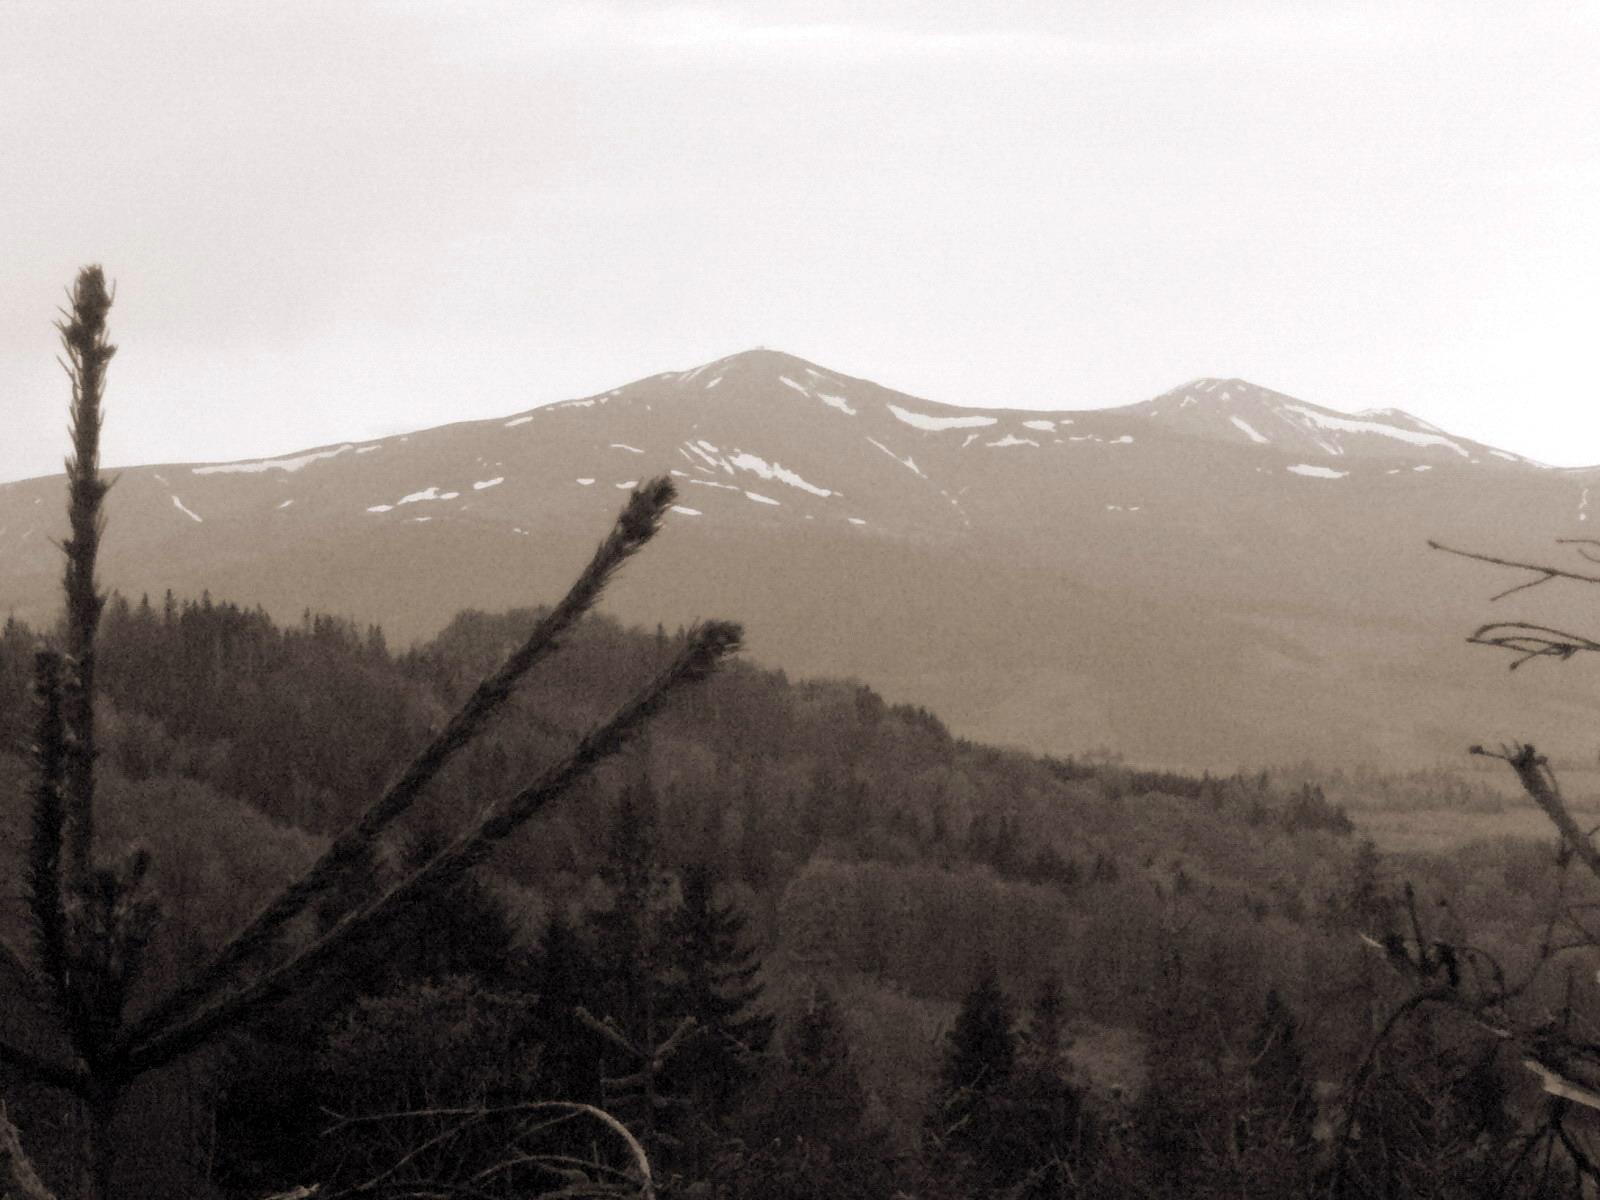 Карпатская гора Полонина Боржава со снегом. Пейзаж.